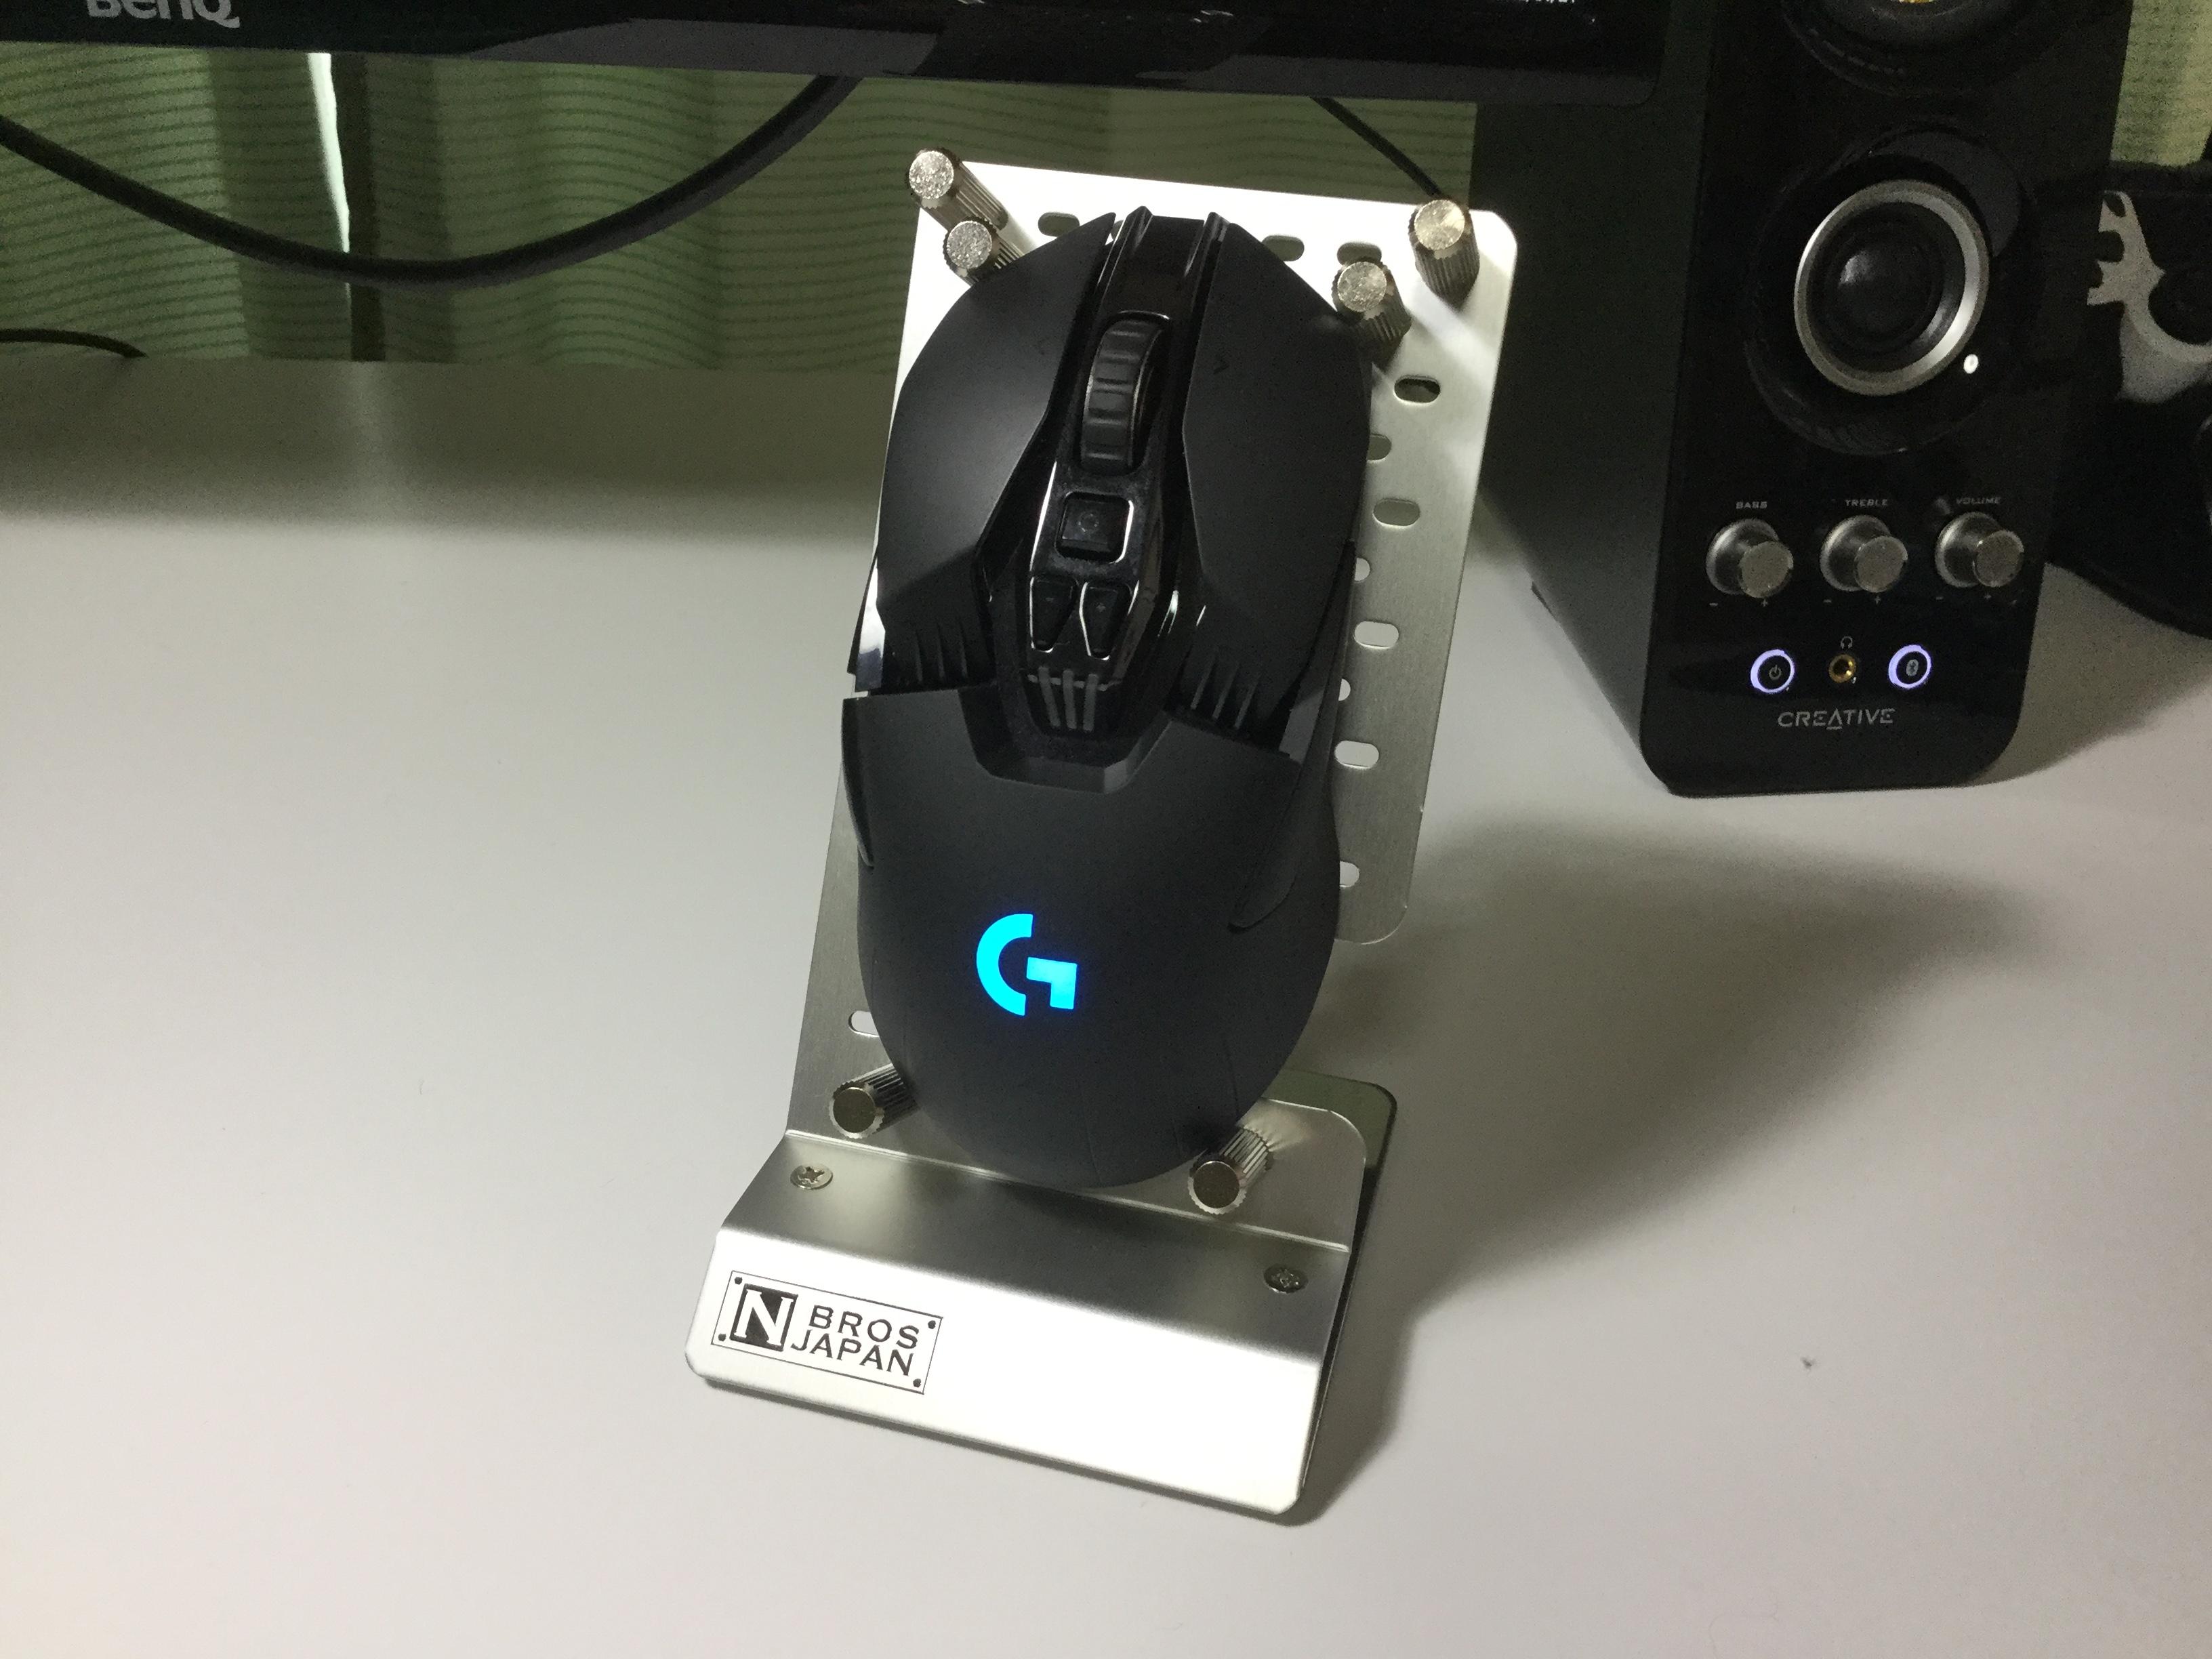 G903 ワイヤレスマウス